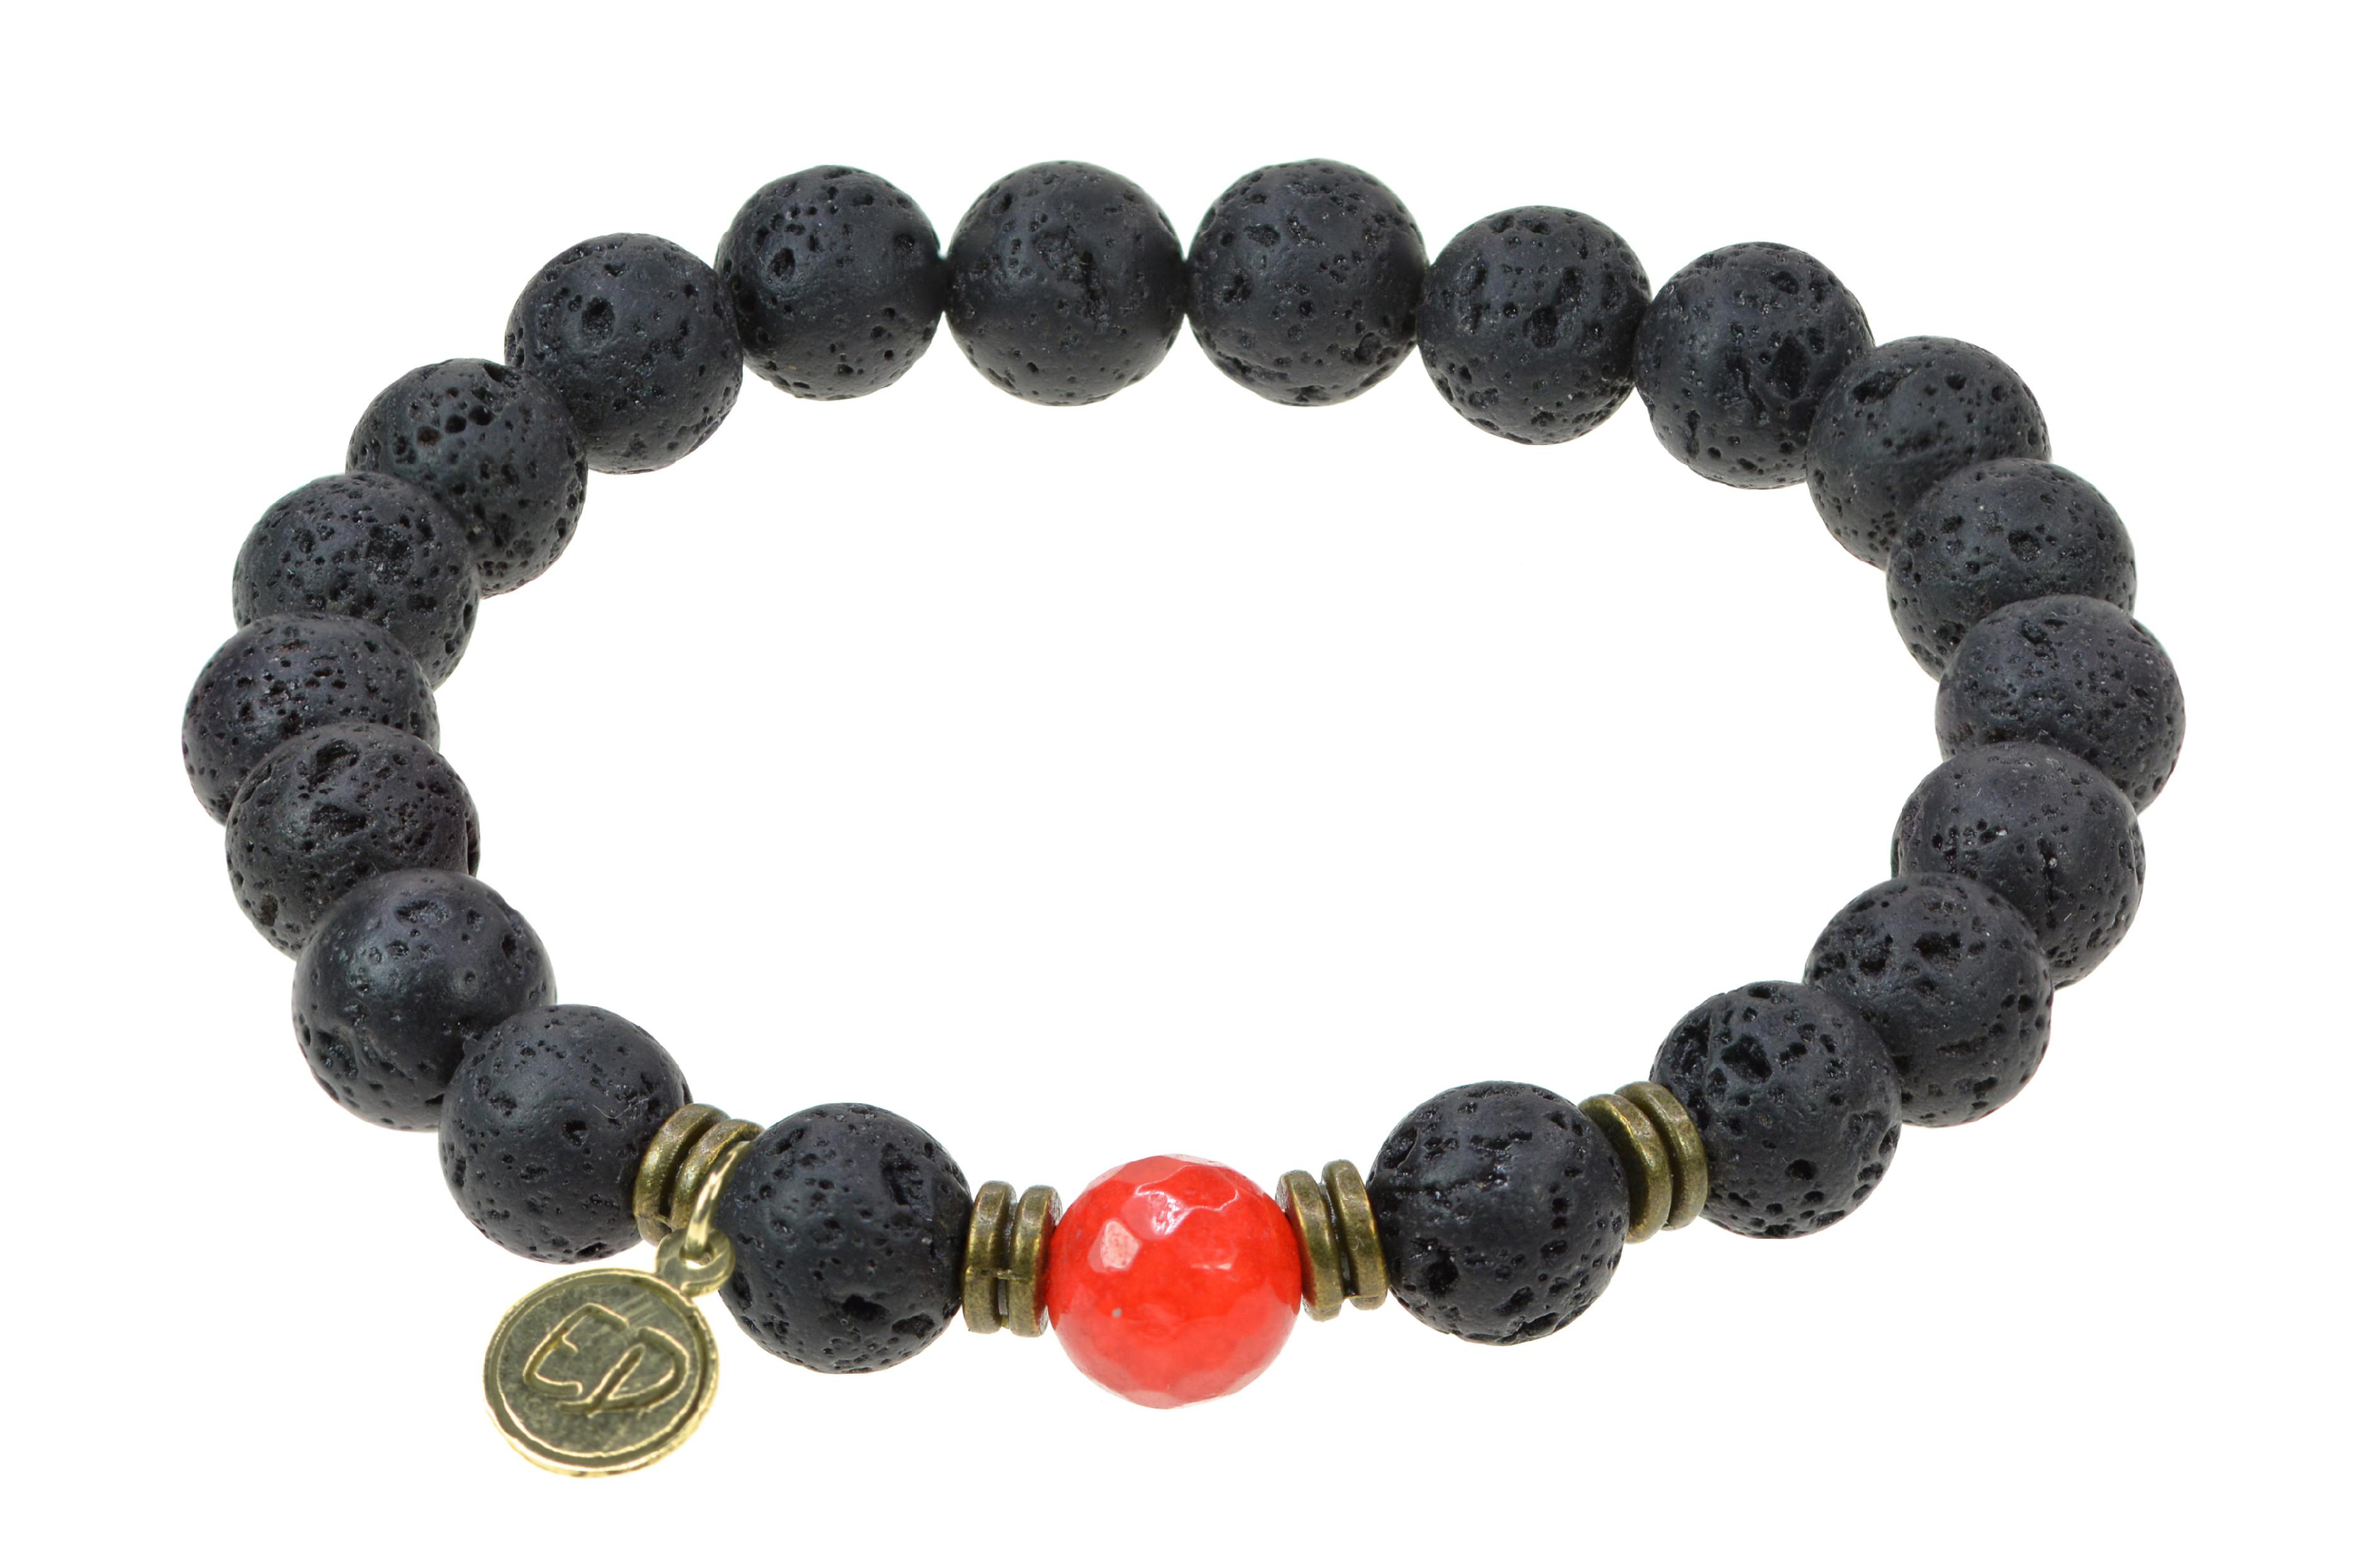 Pánsky náramok s lávovými kameňmi a červeným achátom